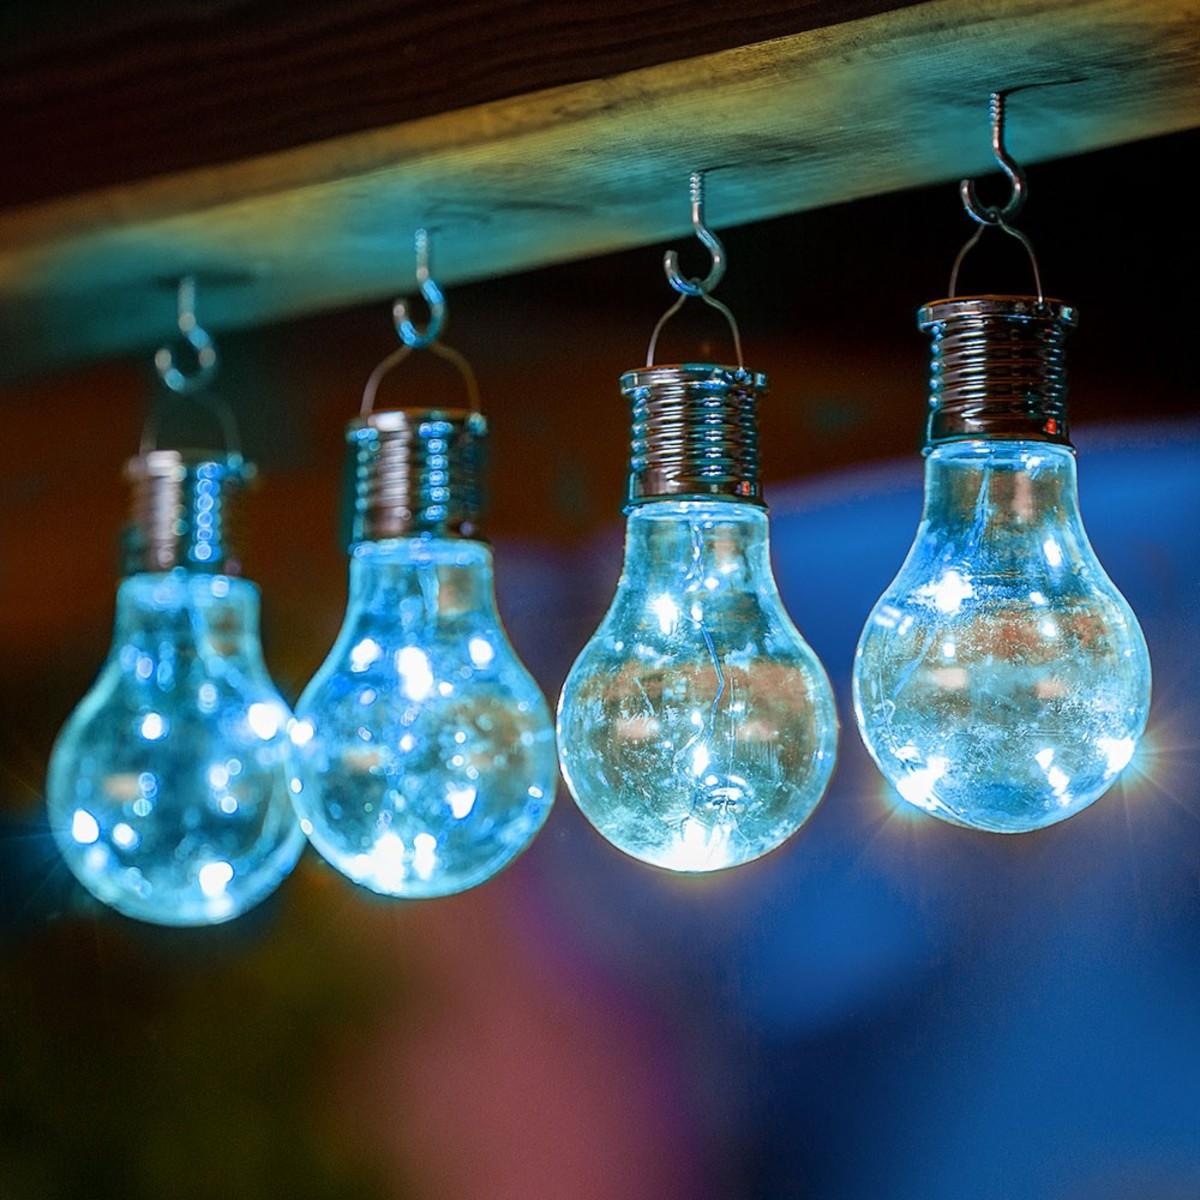 Bild 1 von I-Glow LED Solar Partybirnen 4er-Set - blau